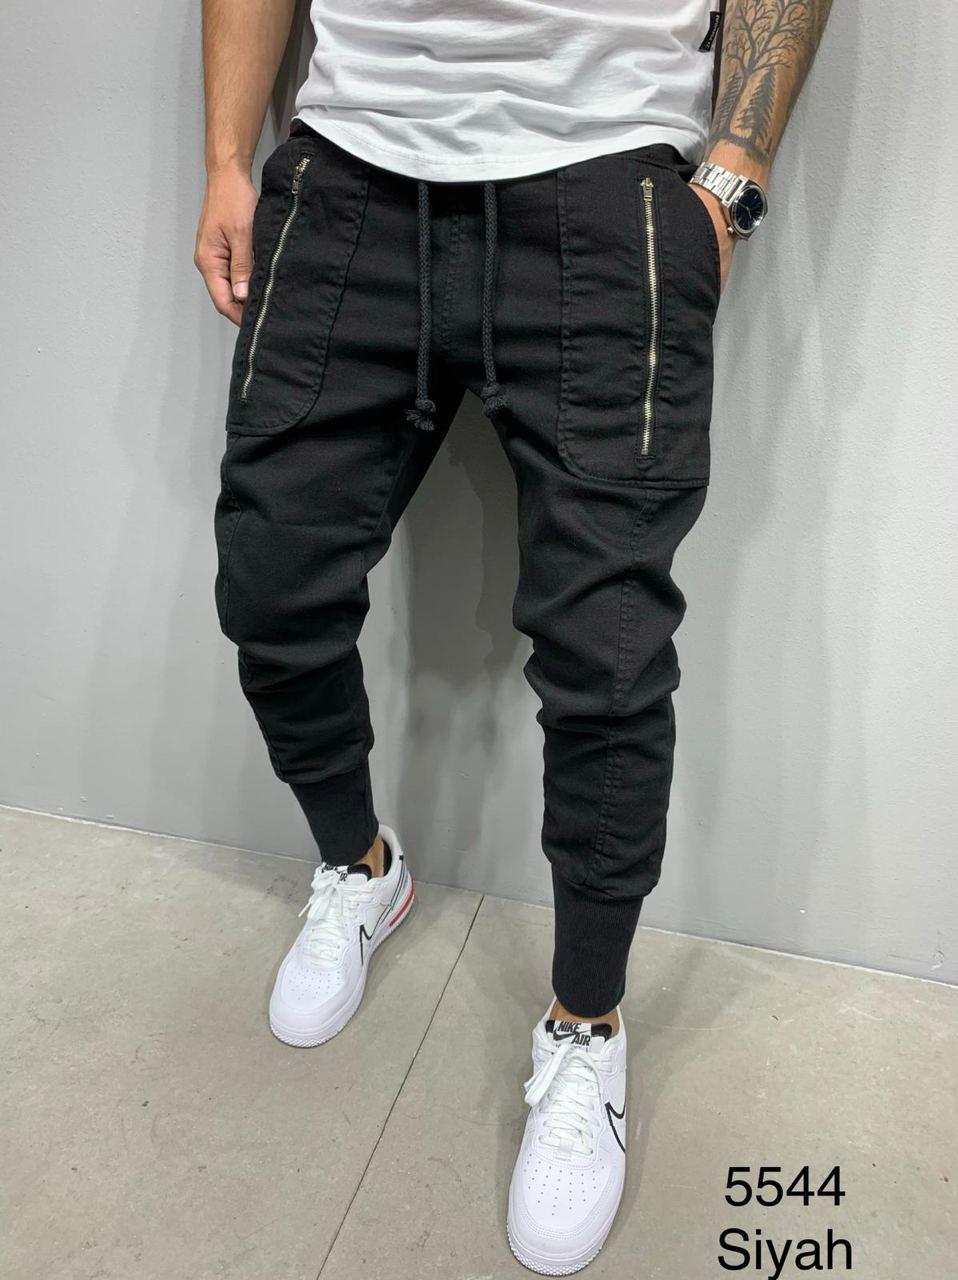 Джинси-джоггеры чоловічі стильні чорні з кишенями на манжетах Туреччина